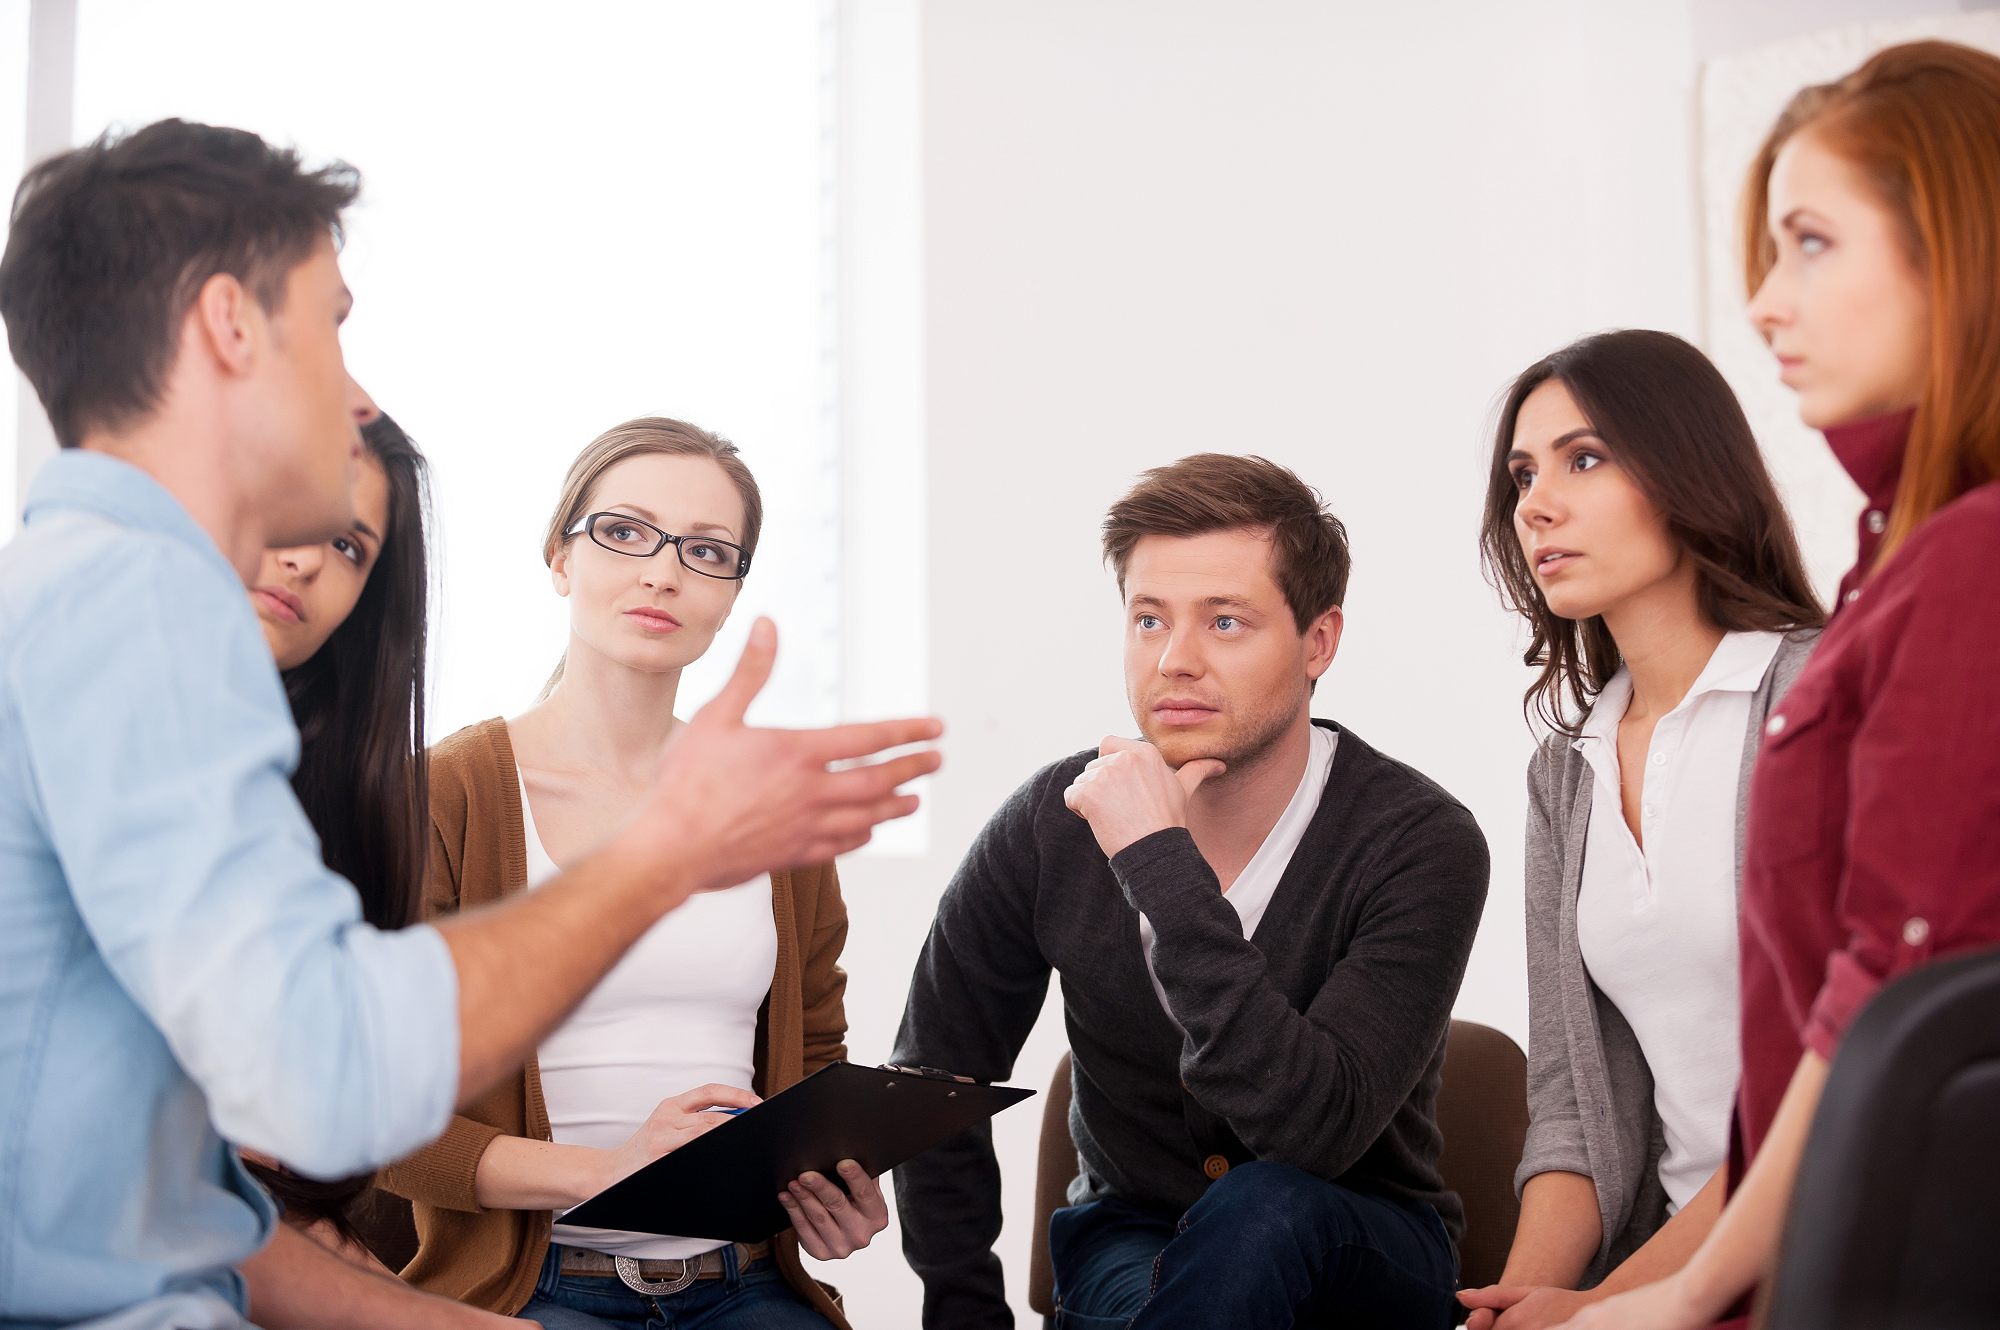 Κάνε τους να σε προσέχουν: 3 τρόποι για Αποτελεσματική Επικοινωνία!